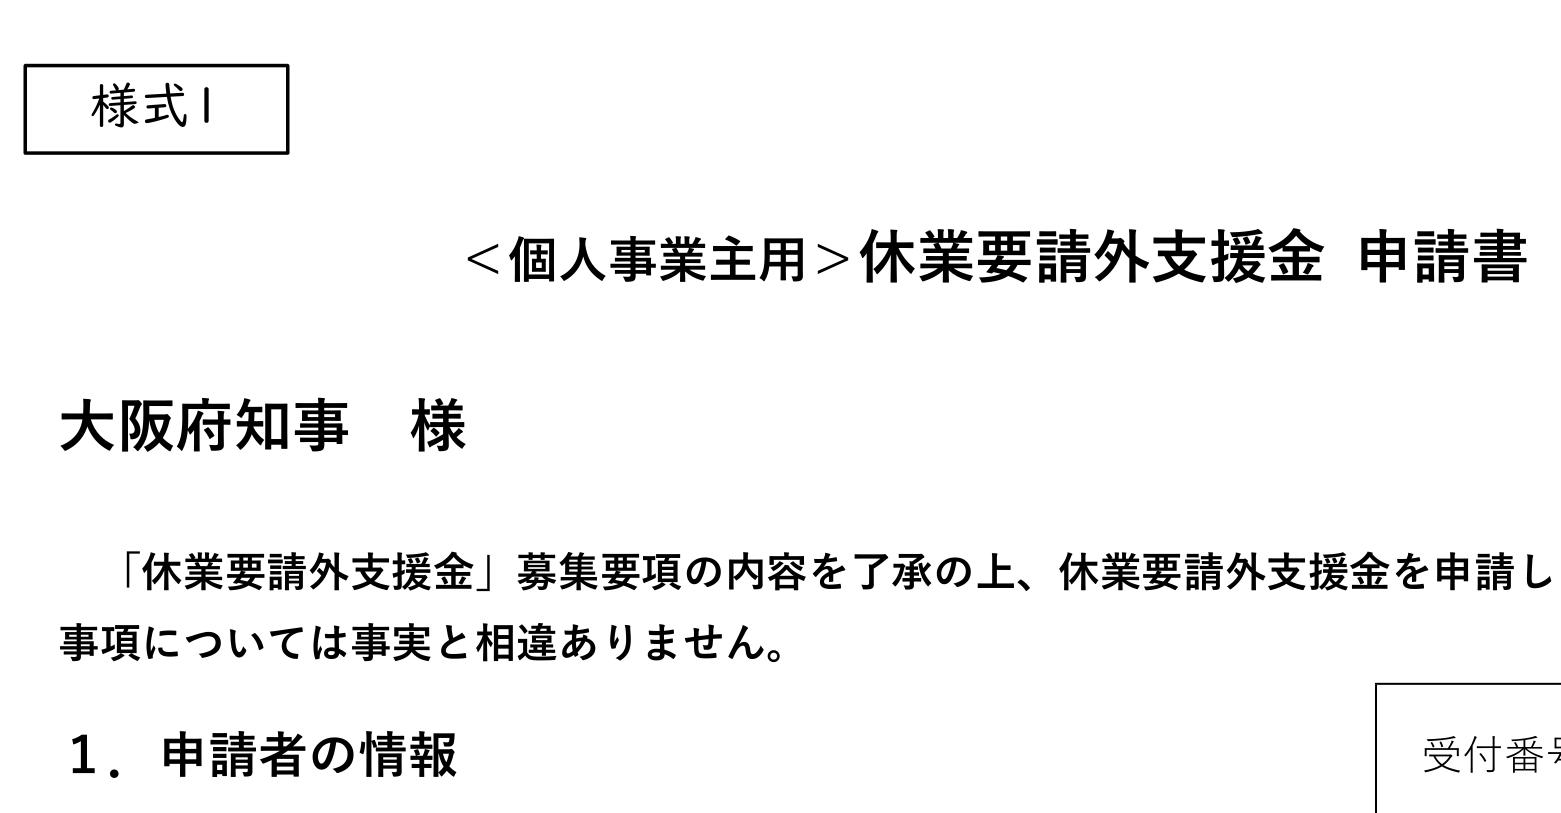 要請 外 休業 大阪府休業要請外支援金とは?法人に50万円・個人事業主に25万円を支給|トピックス|STEP UP